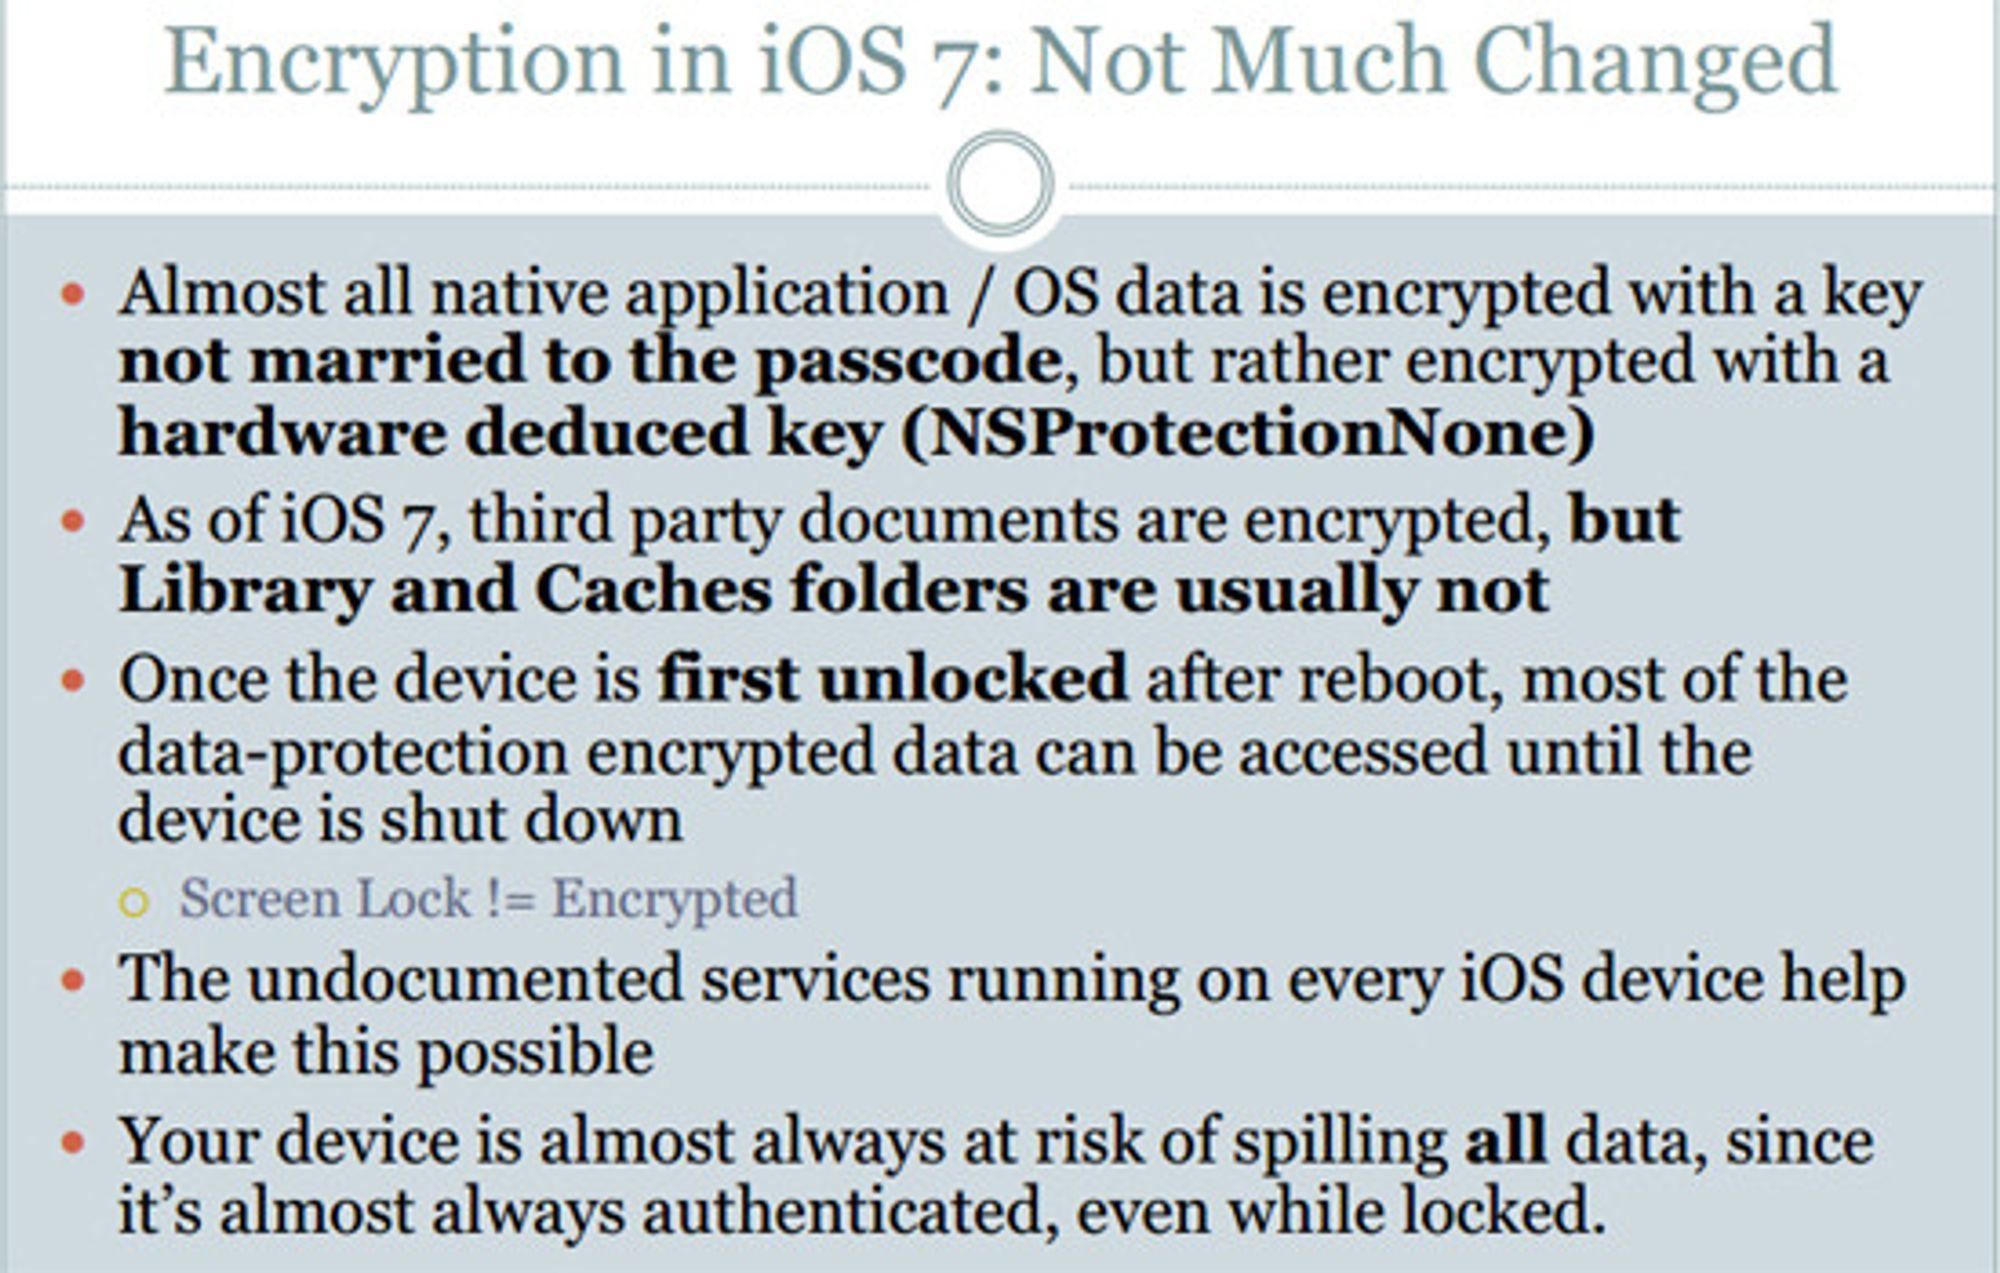 Så lenge telefonen ikke er avskrudd kan de fleste krypterte data hentes ut fra iPhone, det hjelper ikke med tastelås. Udokumenterte tjenester som kjører på alle iOS-enheter gjør dette mulig, ifølge Zdziarski.